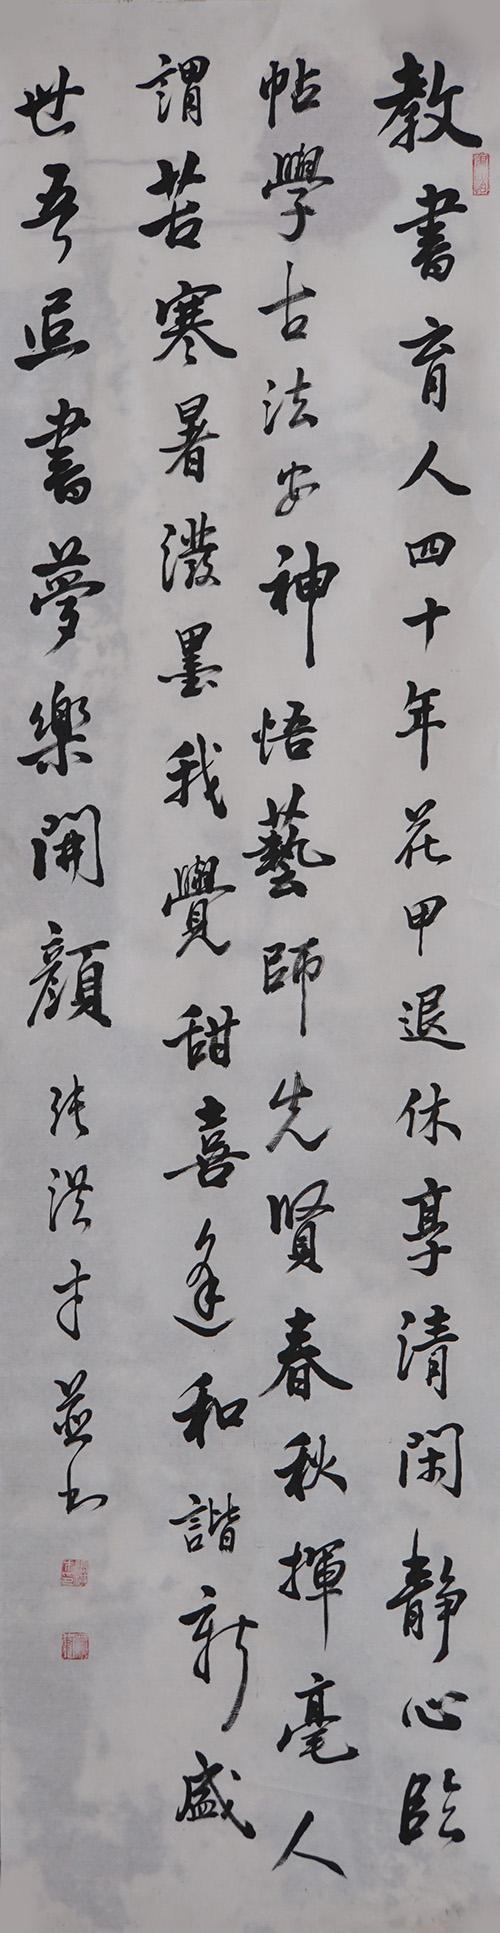 张洪才作品之一 (15)